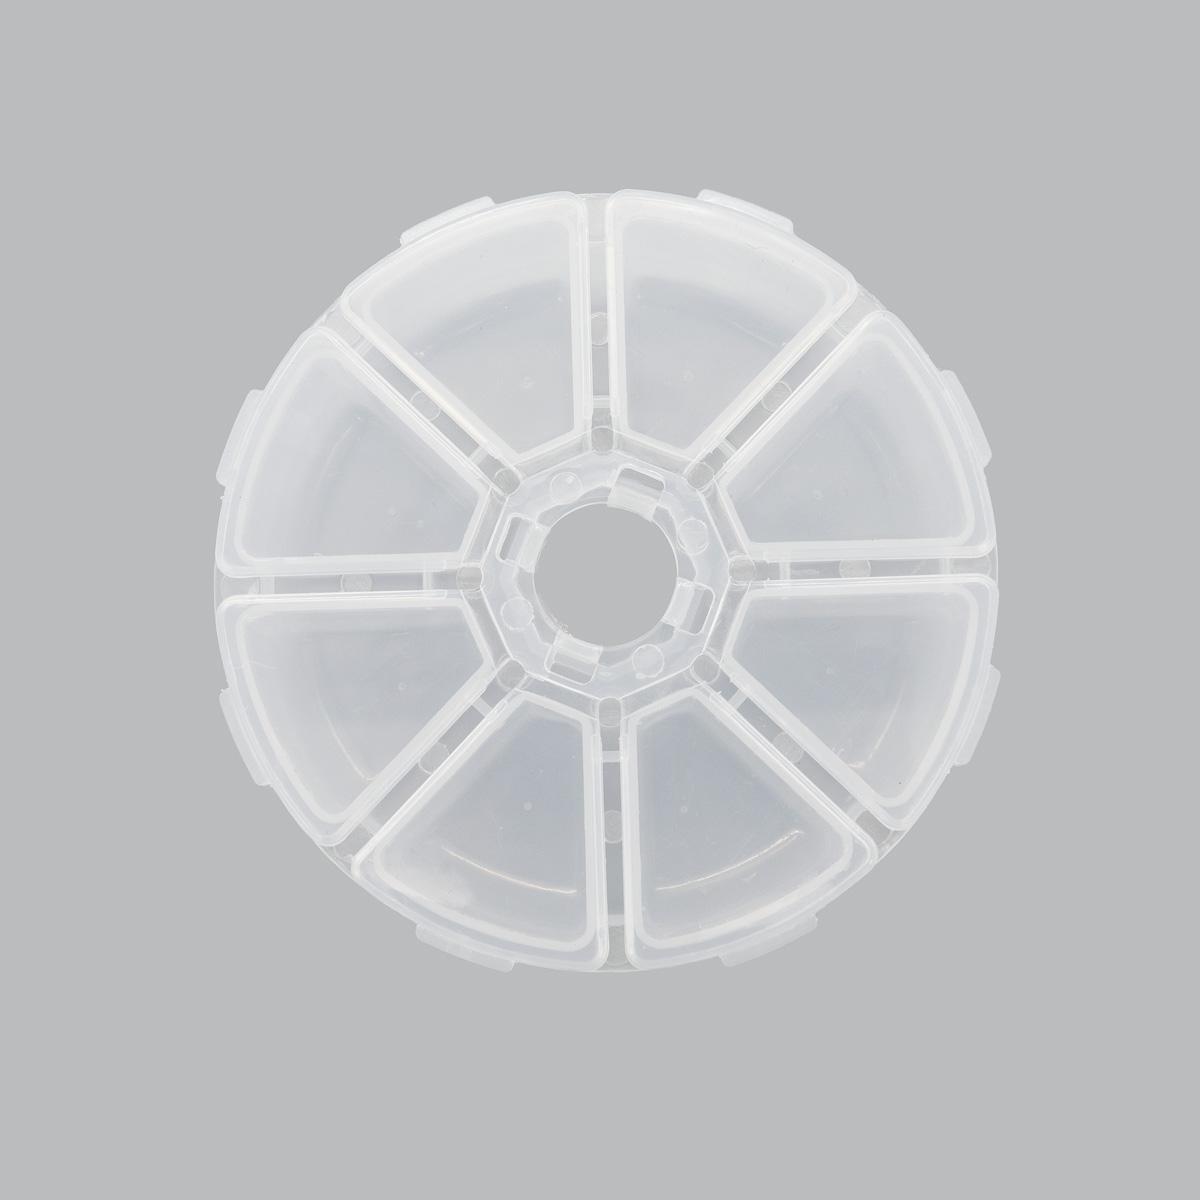 Контейнер для бисера 930501, 8 секций d=10 см, Hobby&Pro